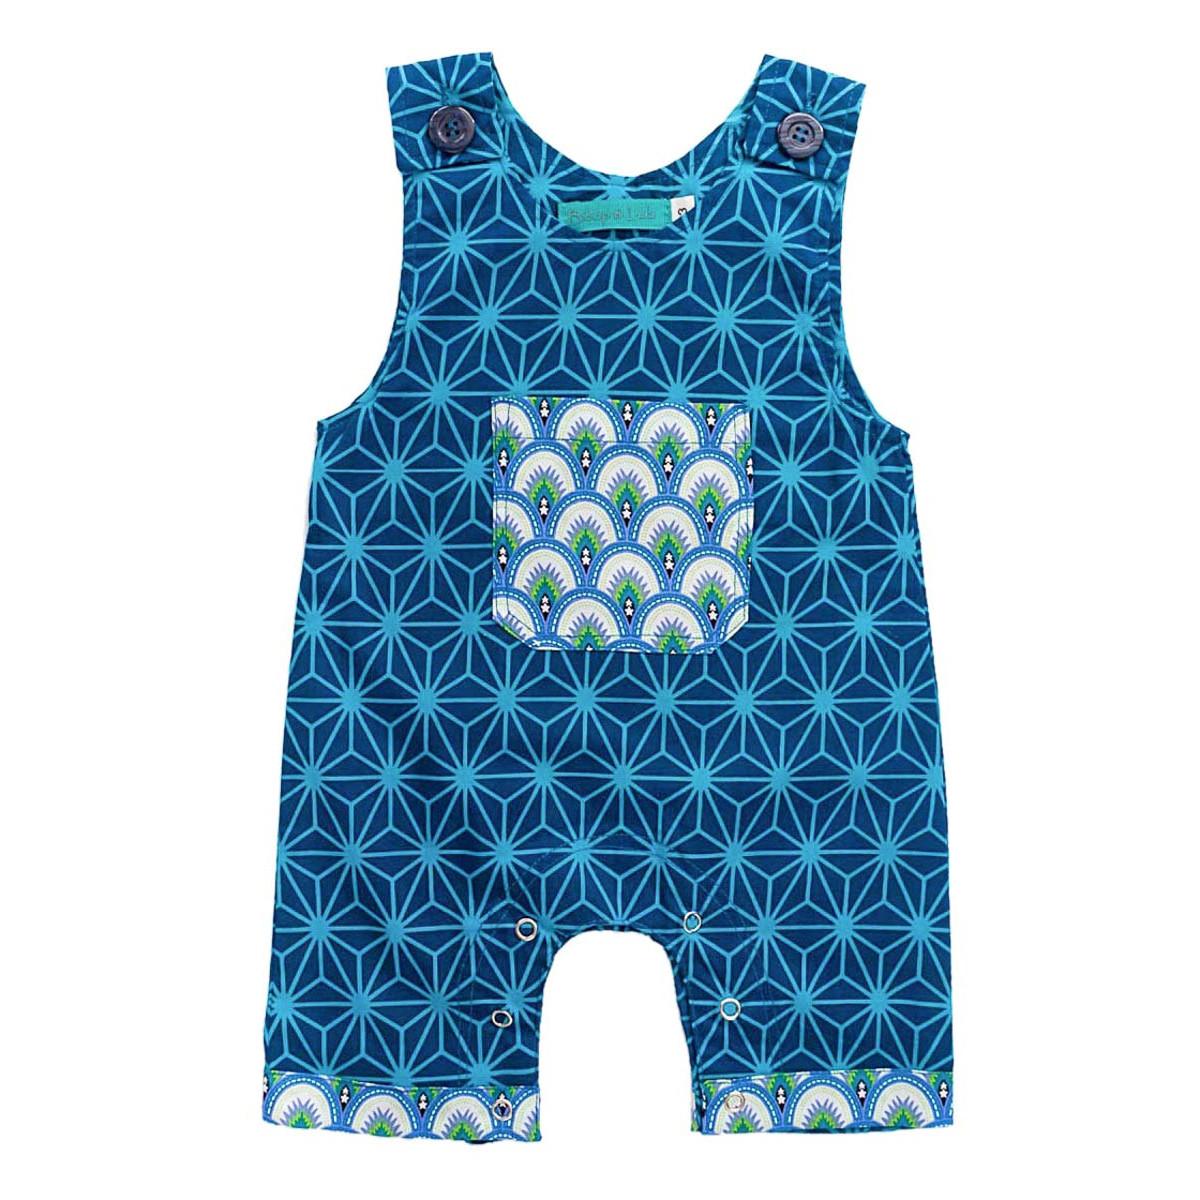 Barboteuse salopette coton bébé 0-24 mois bleu